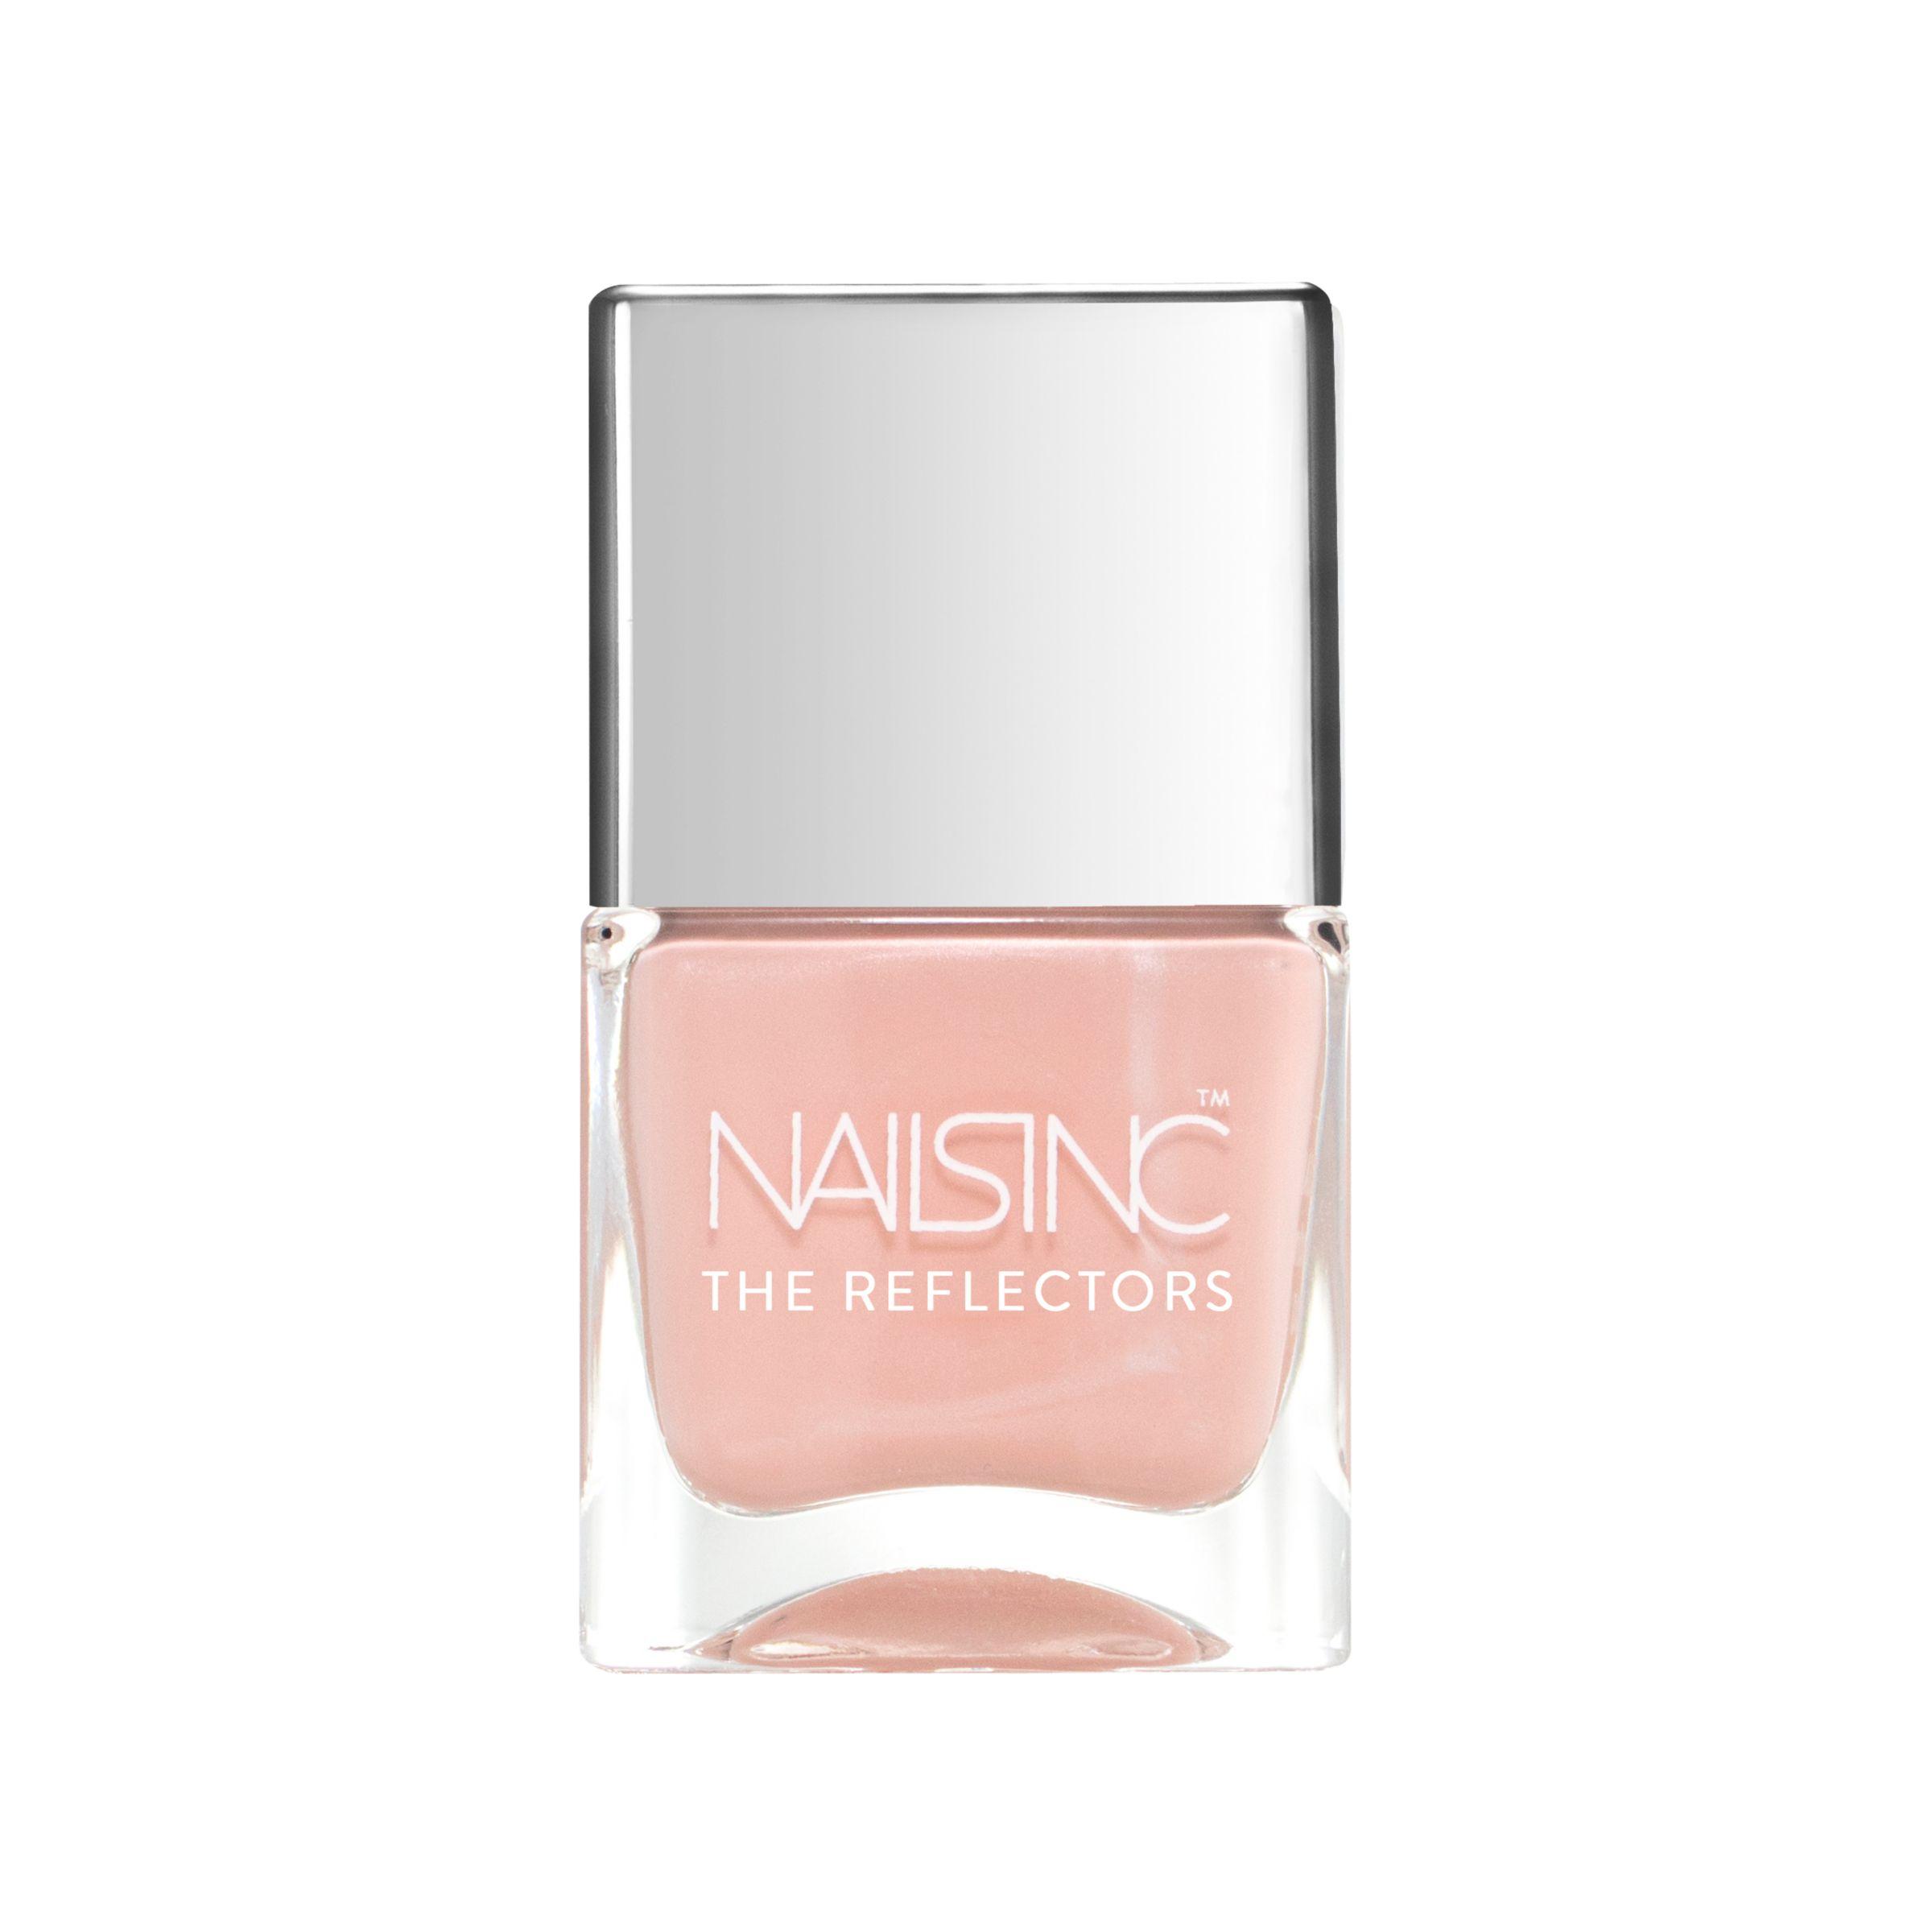 Nails Inc Nails Inc The Reflectors Nail Polish, 14ml